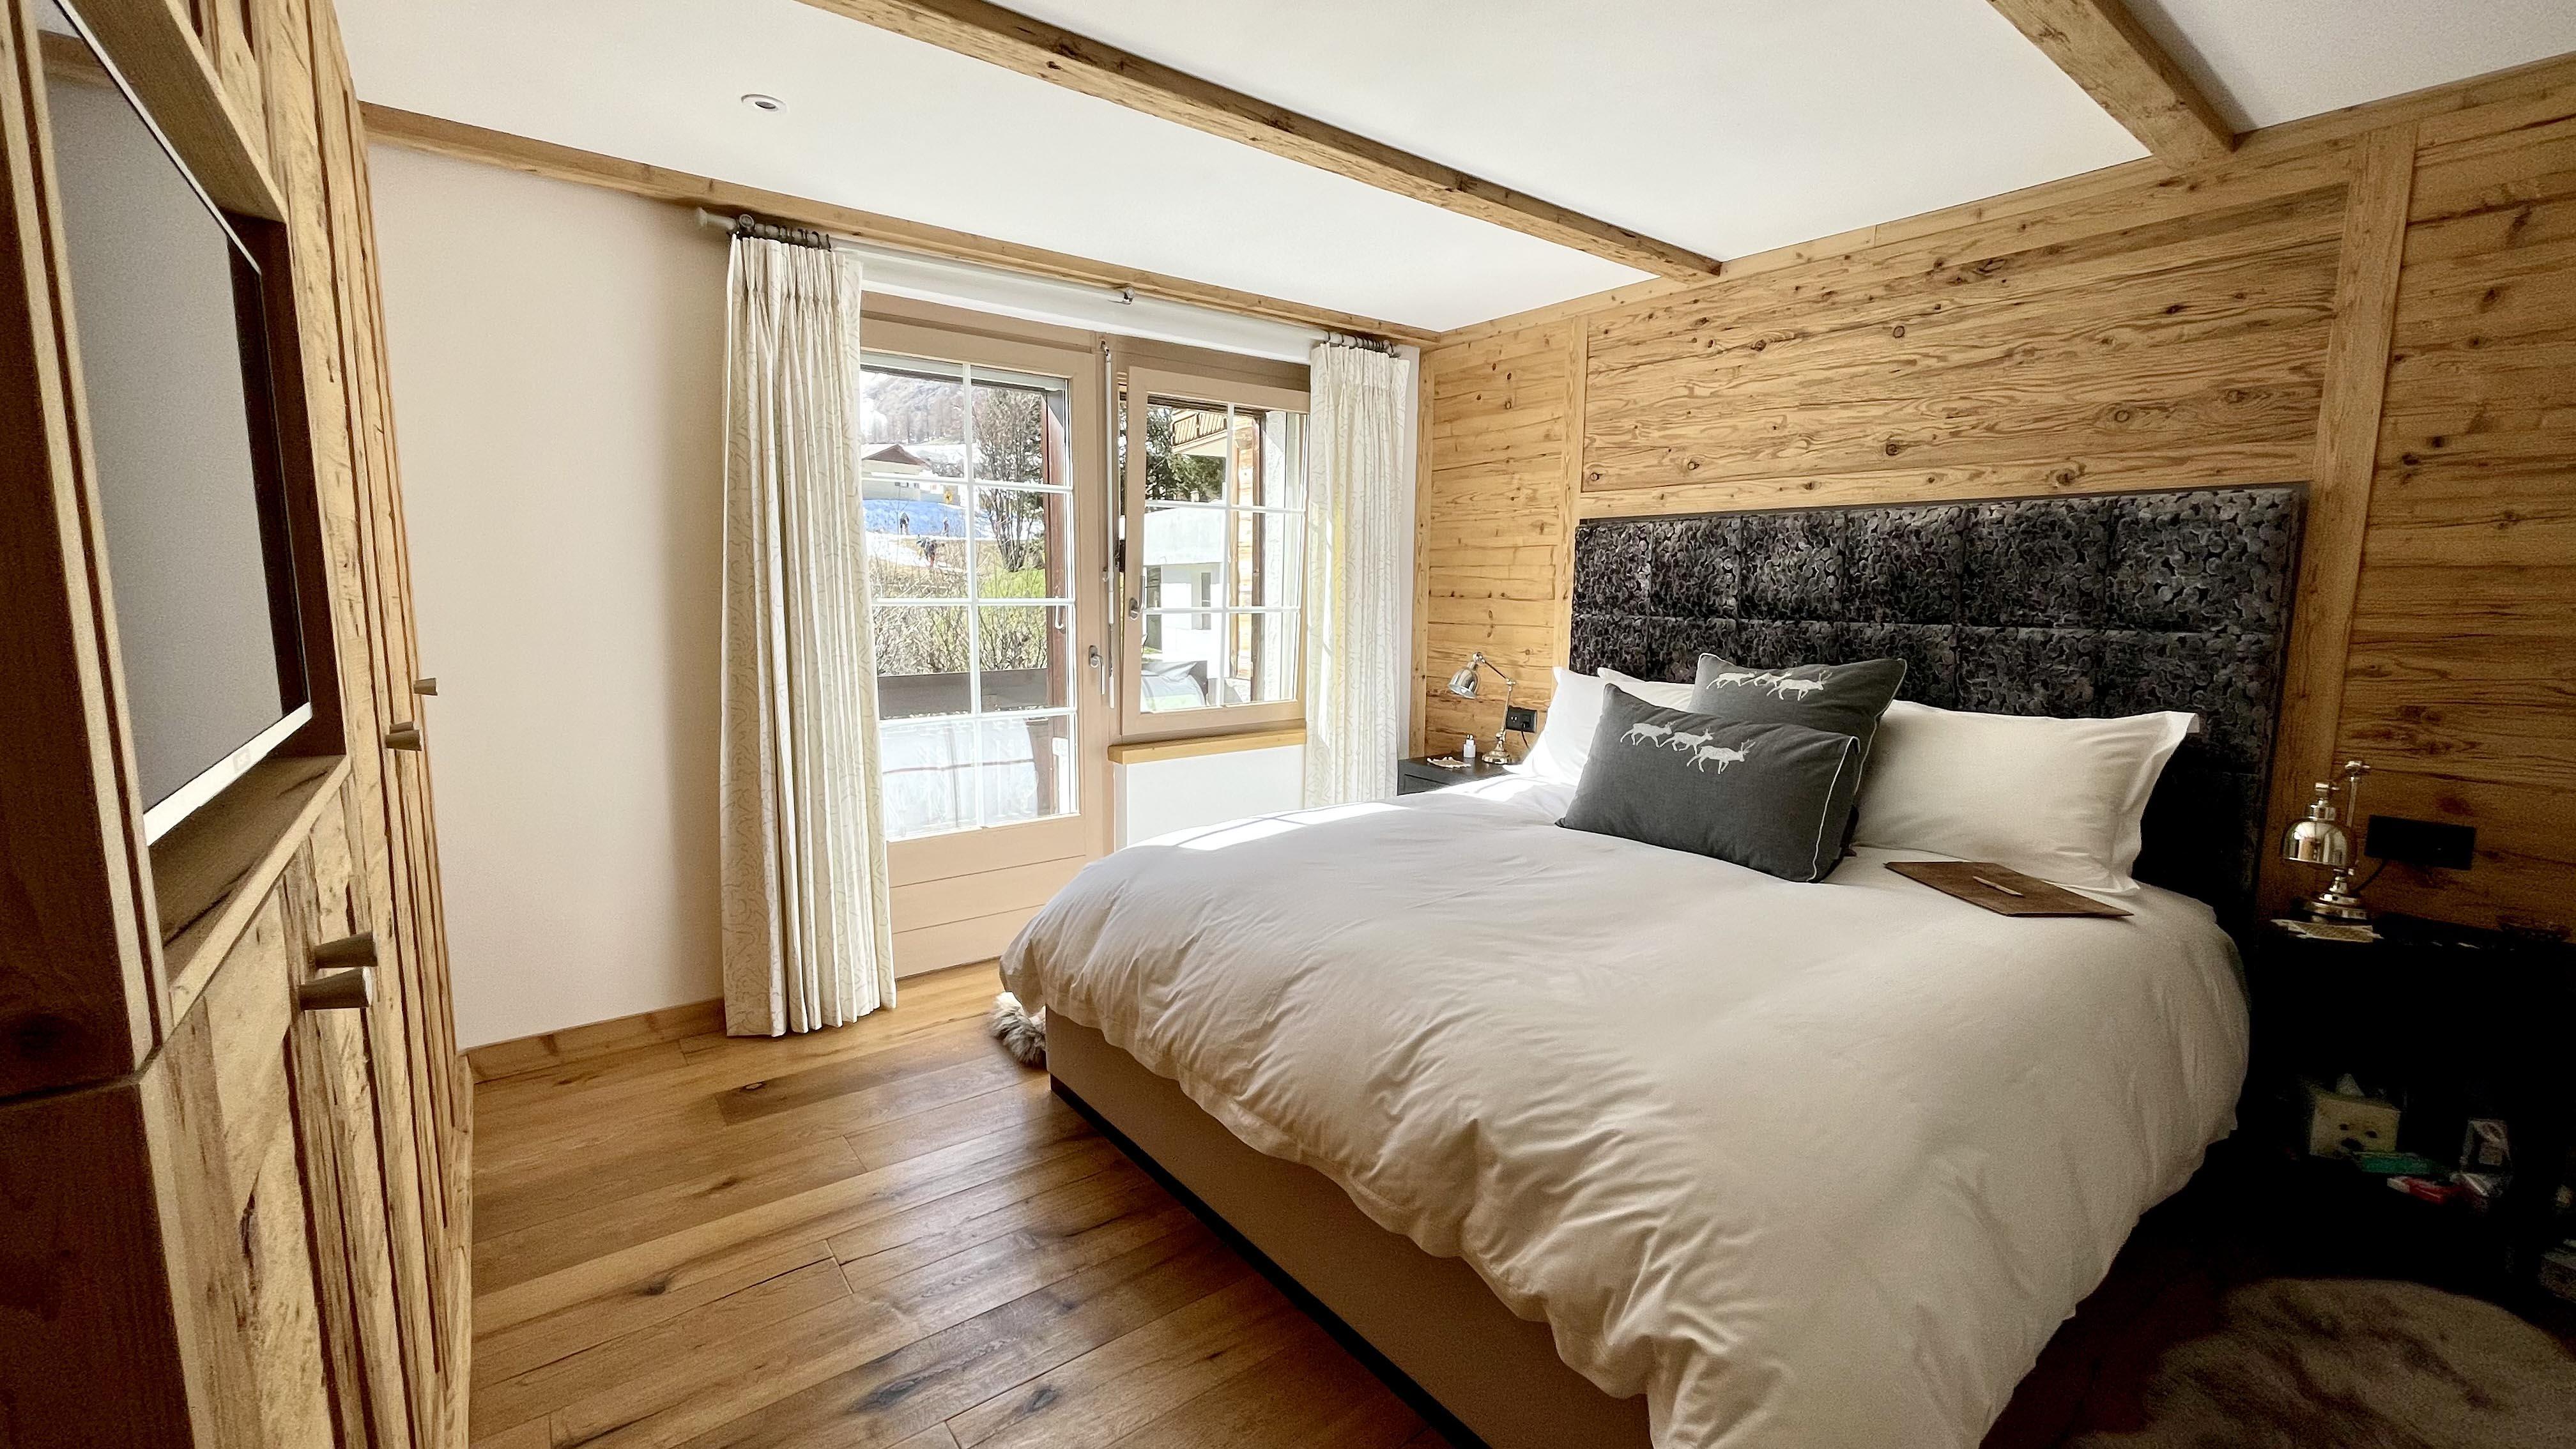 Chalet Khione Apartments, Switzerland